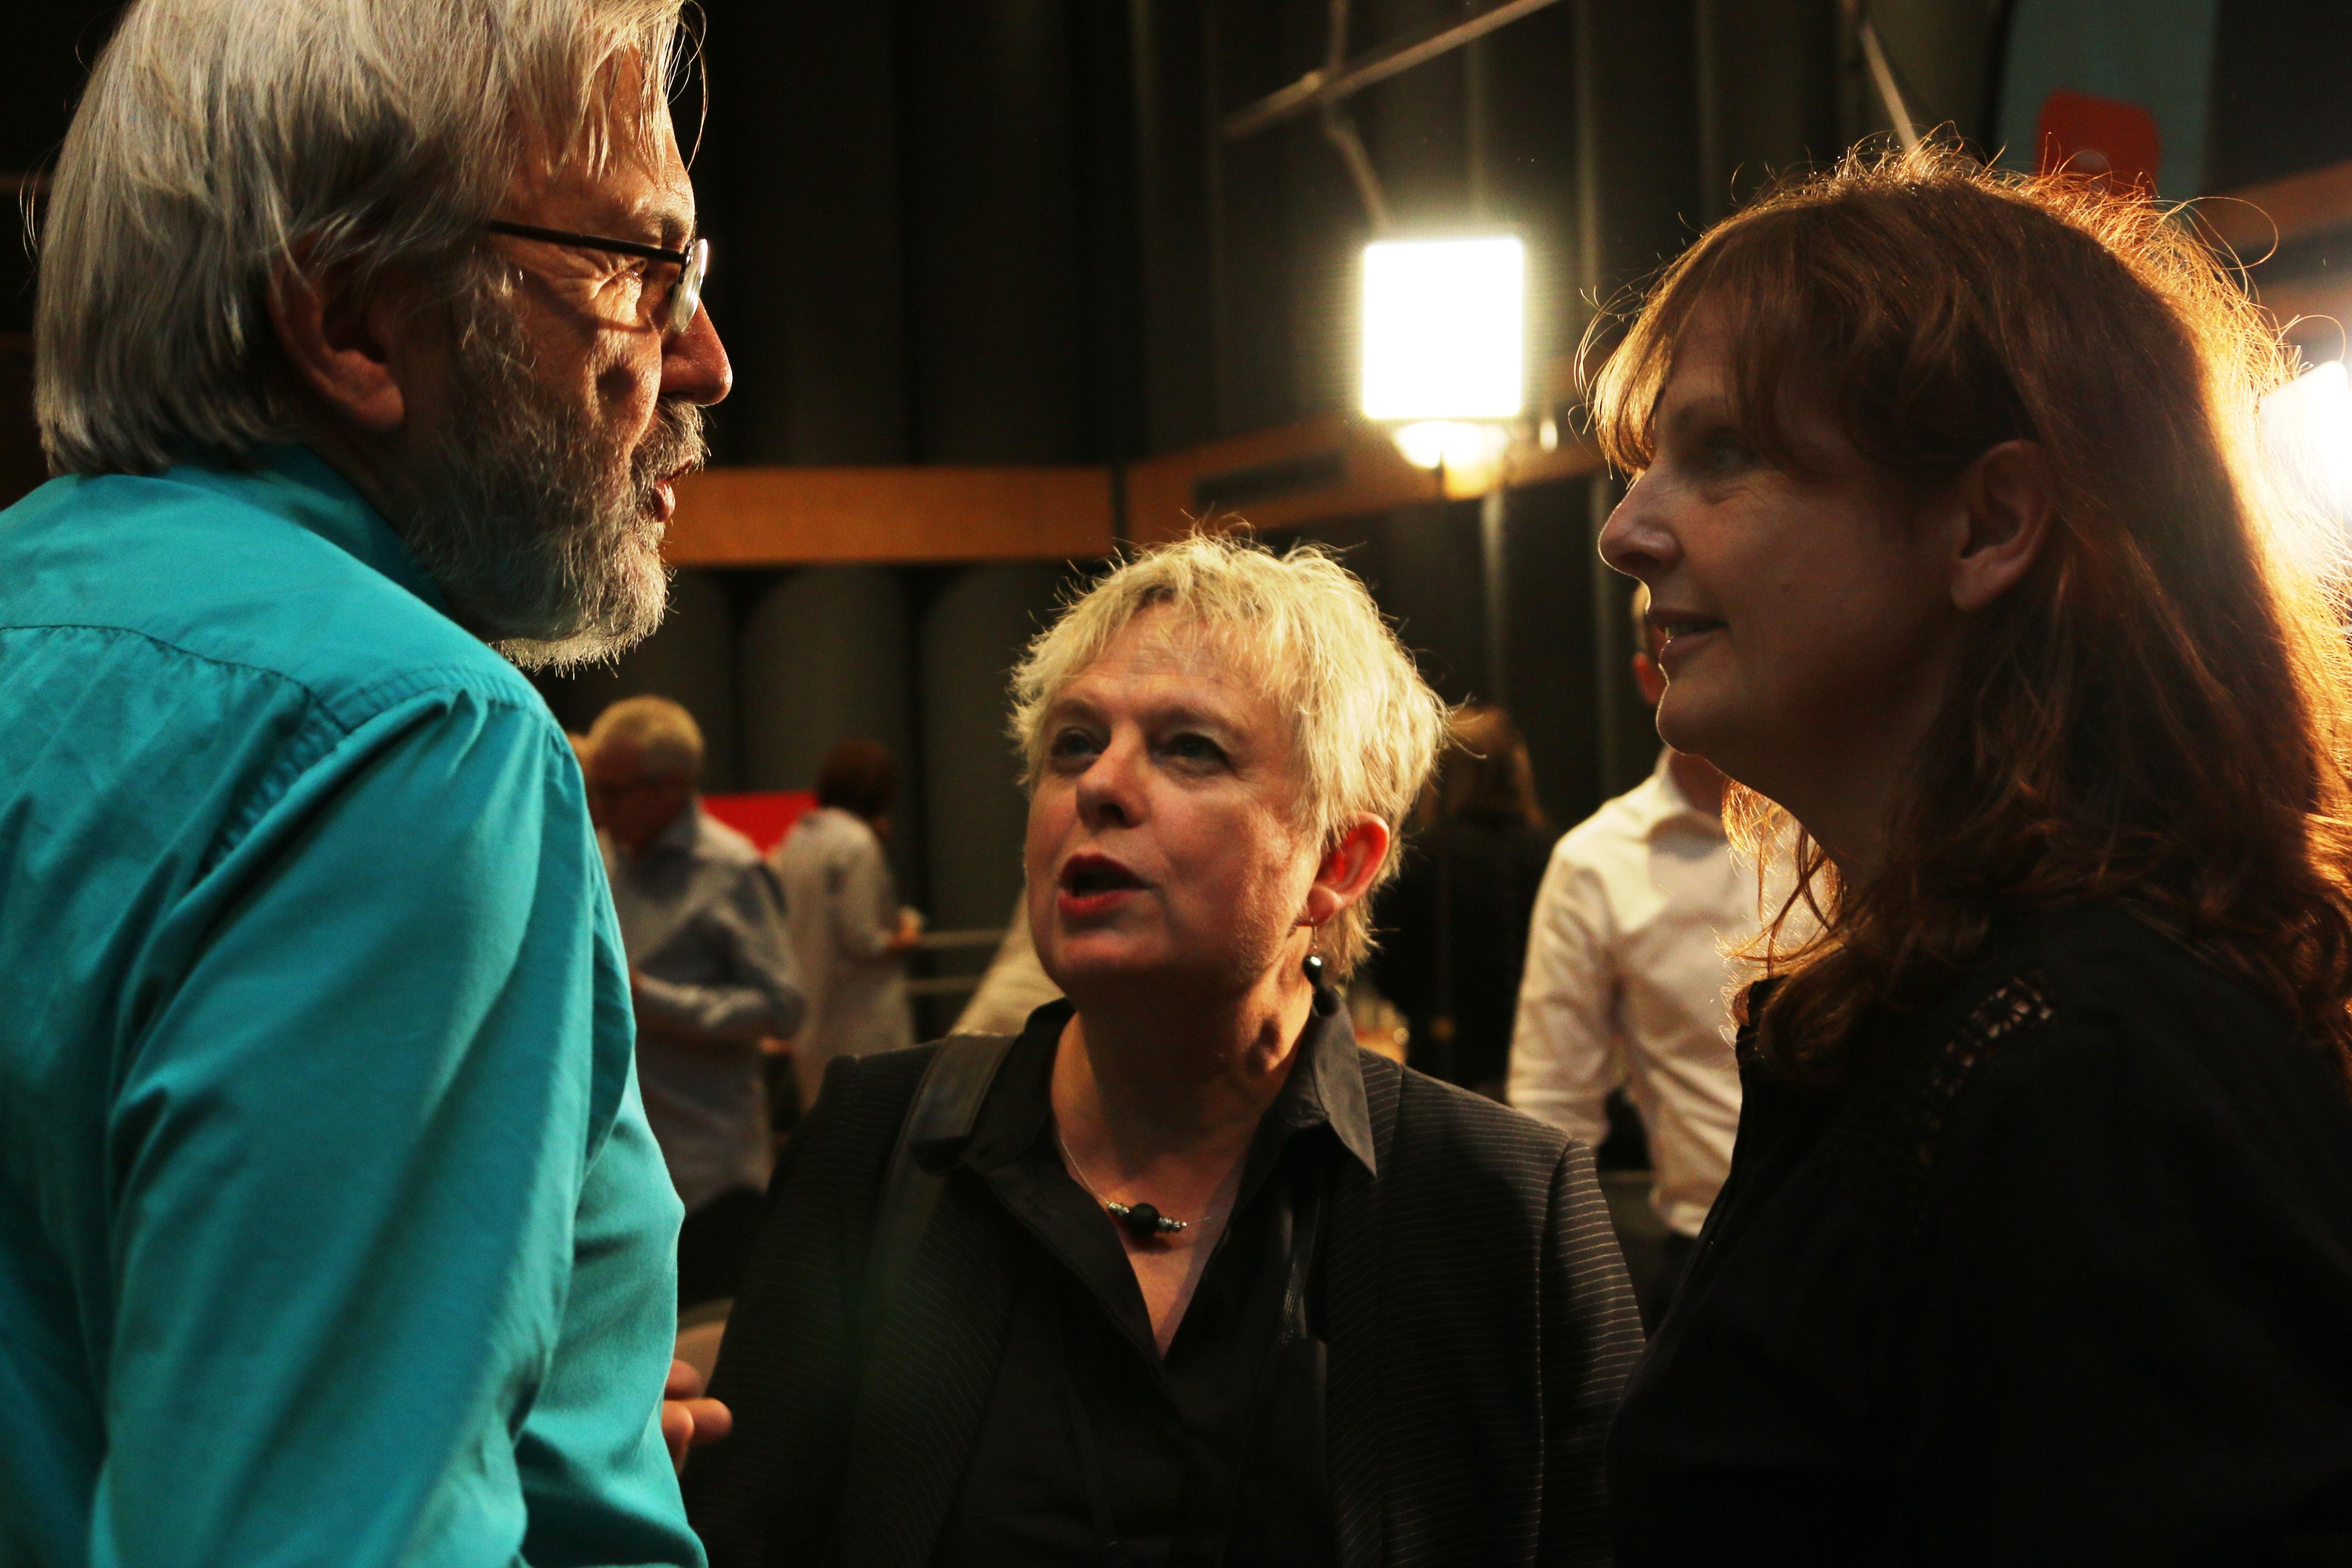 Sophie-Andrée Blondin (à droite), qui a travaillé sept ans aux Années lumière, souhaite bonne retraite à Yanick Villedieu.